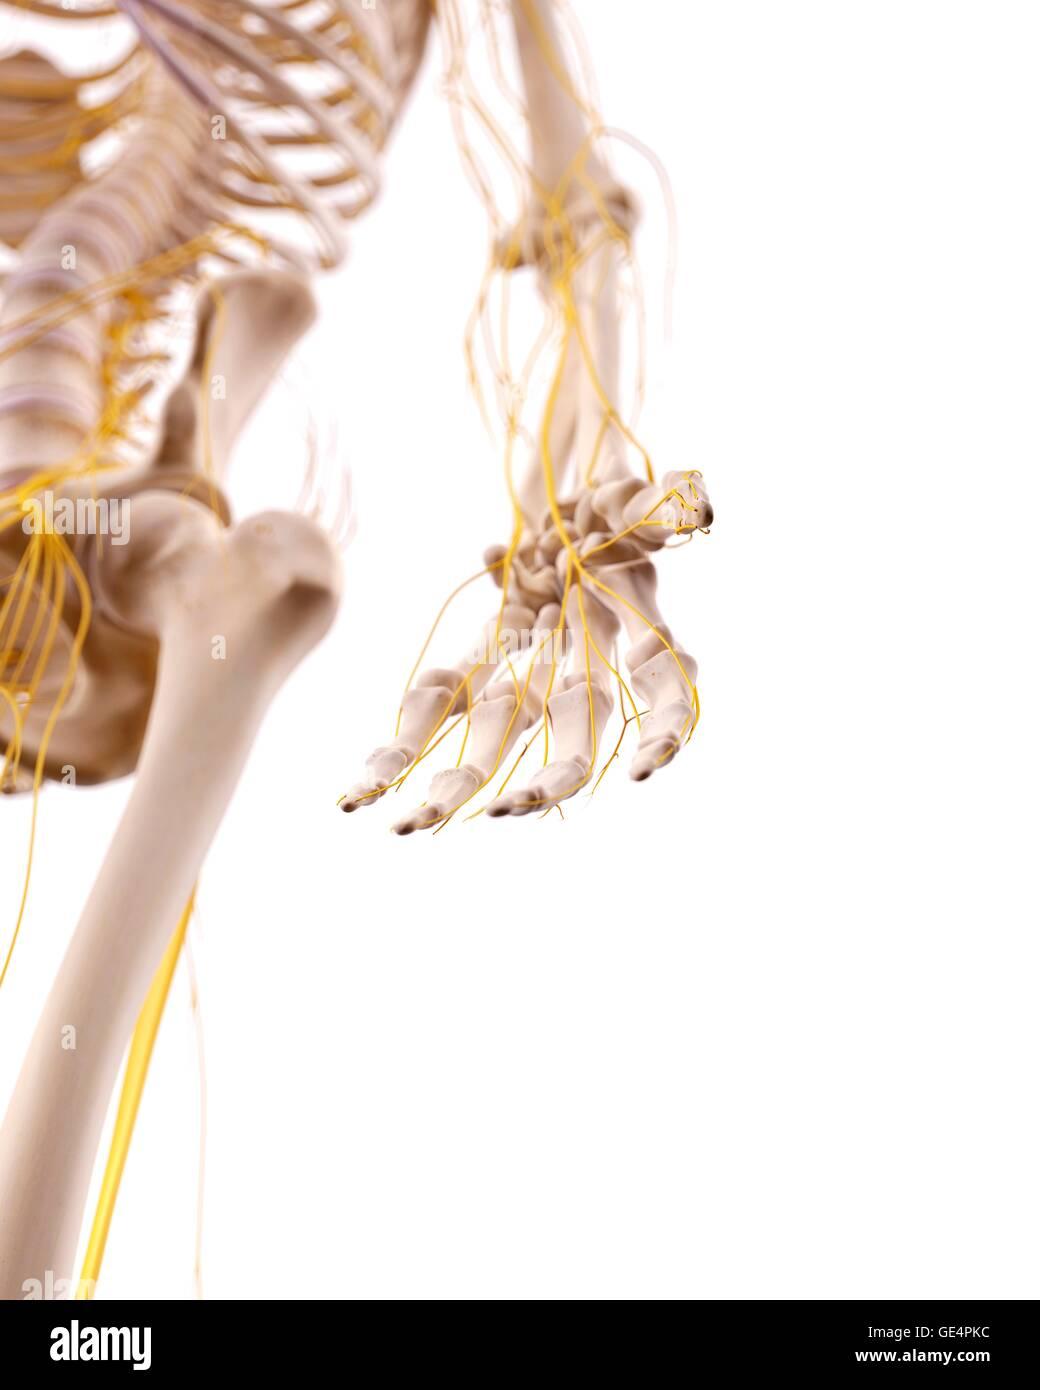 Ziemlich Anatomie Einer Menschlichen Hand Bilder - Anatomie Ideen ...